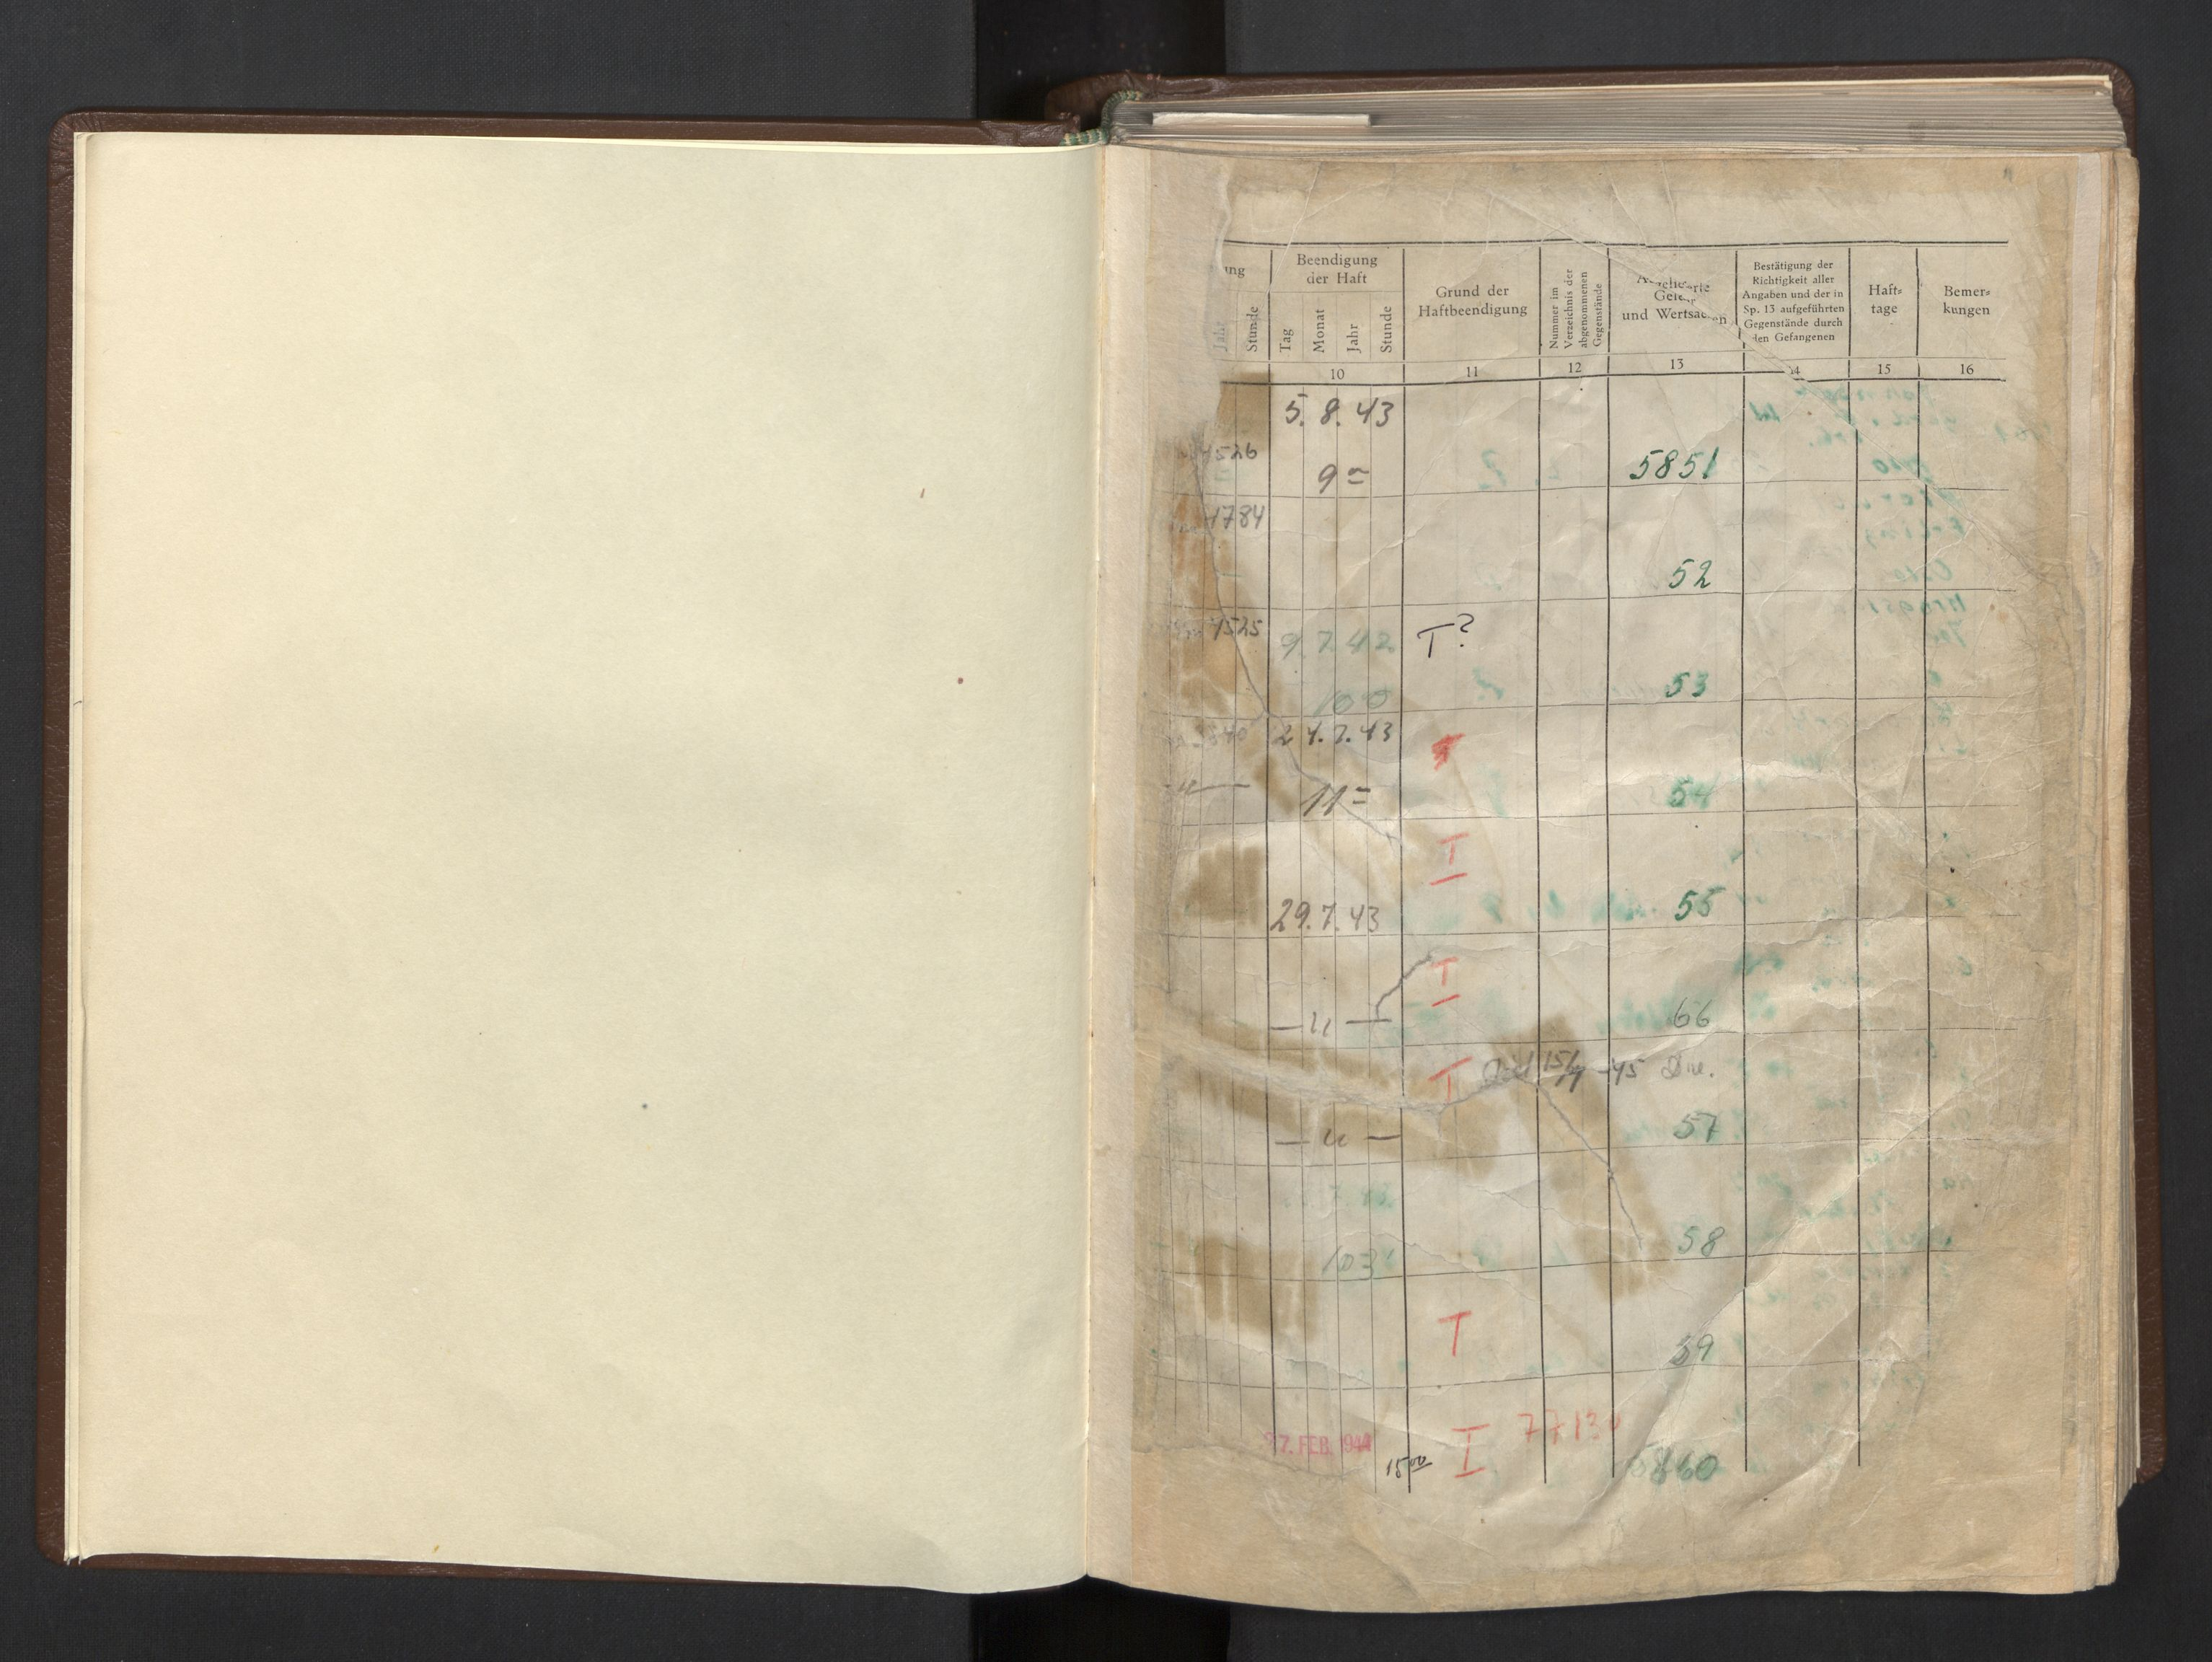 RA, Befehlshaber der Sicherheitspolizei und des SD, F/Fa/Faa/L0005: Fangeprotokoll. - Gefangenen-Buch B. Fangenr. 8201-10100, 1943-1944